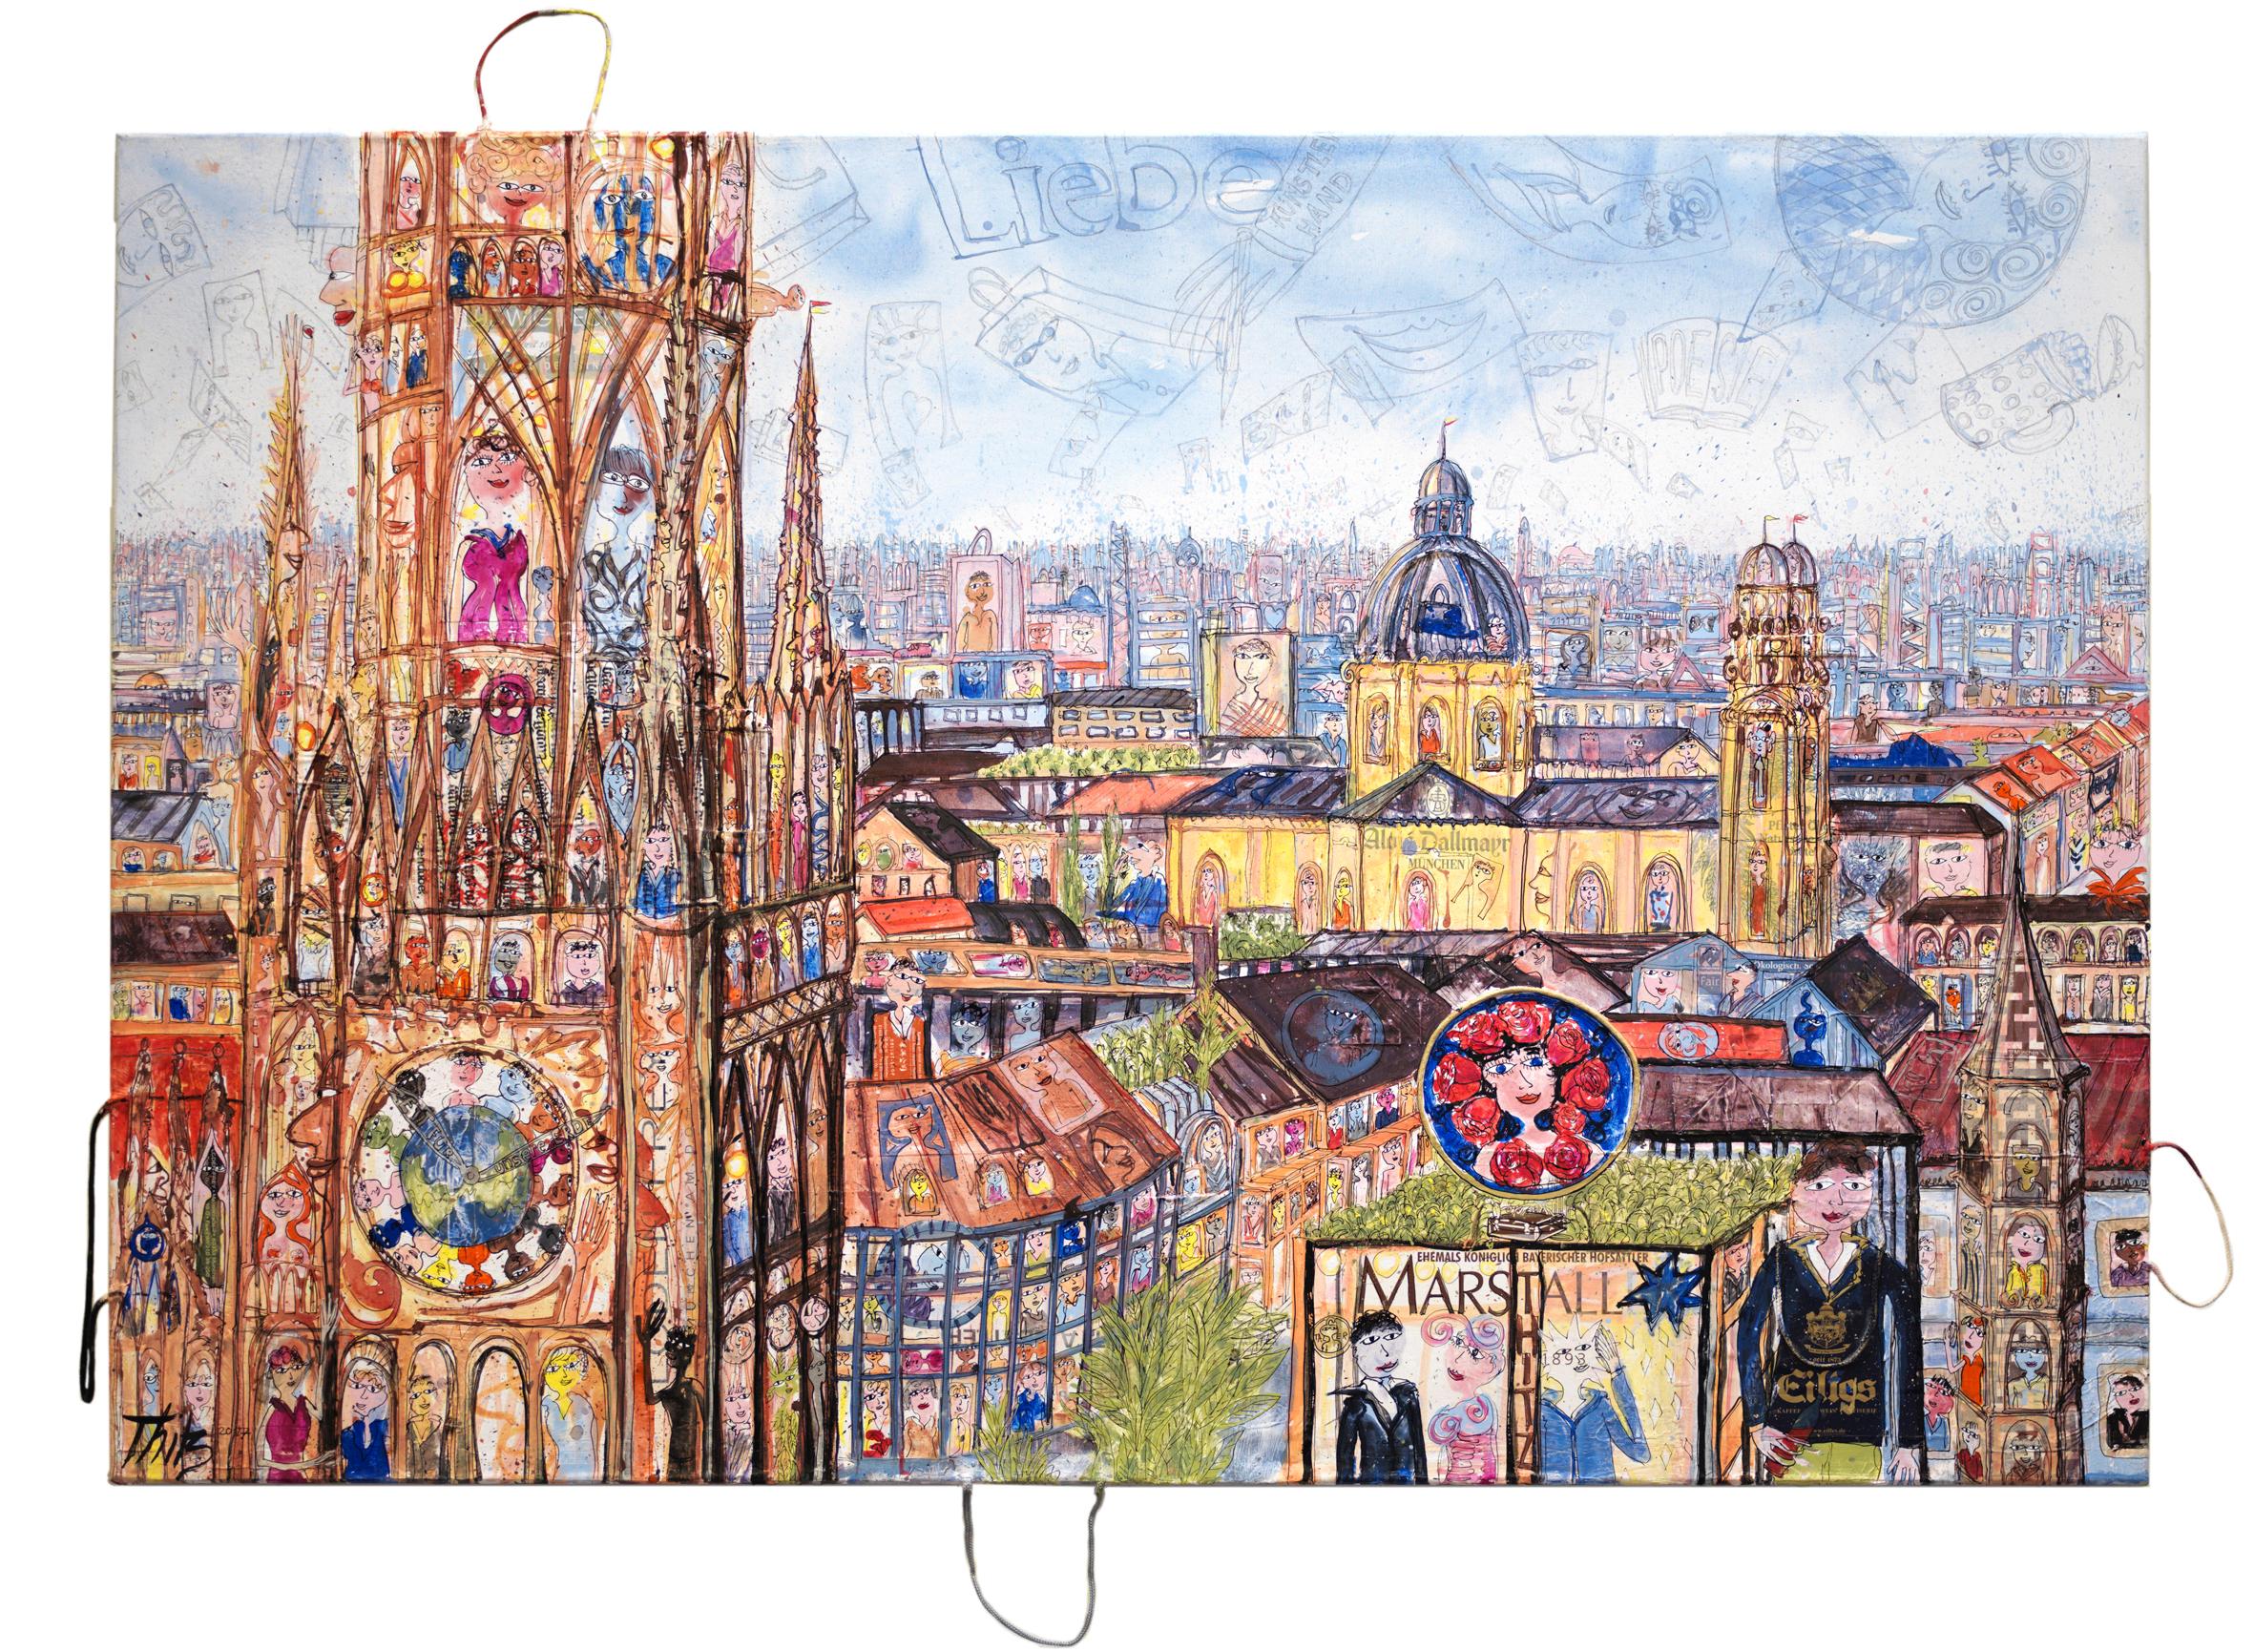 Thitz: München, 2017, Acrylfarben und Tüten auf Leinwand, 120 x 180 cm, 15.000 eur.